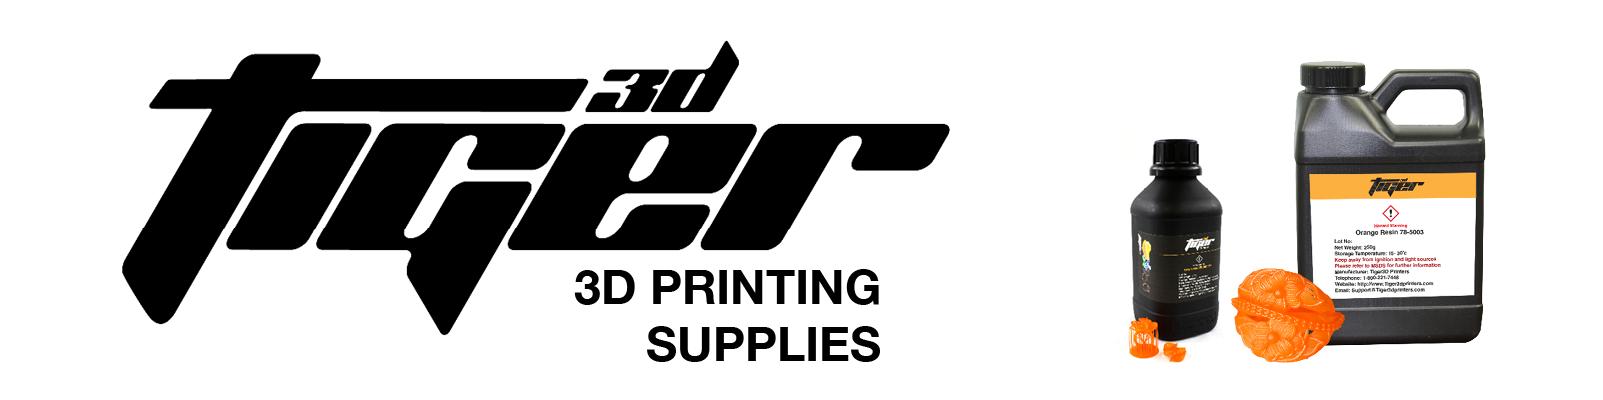 Tiger3D Printer Supplies